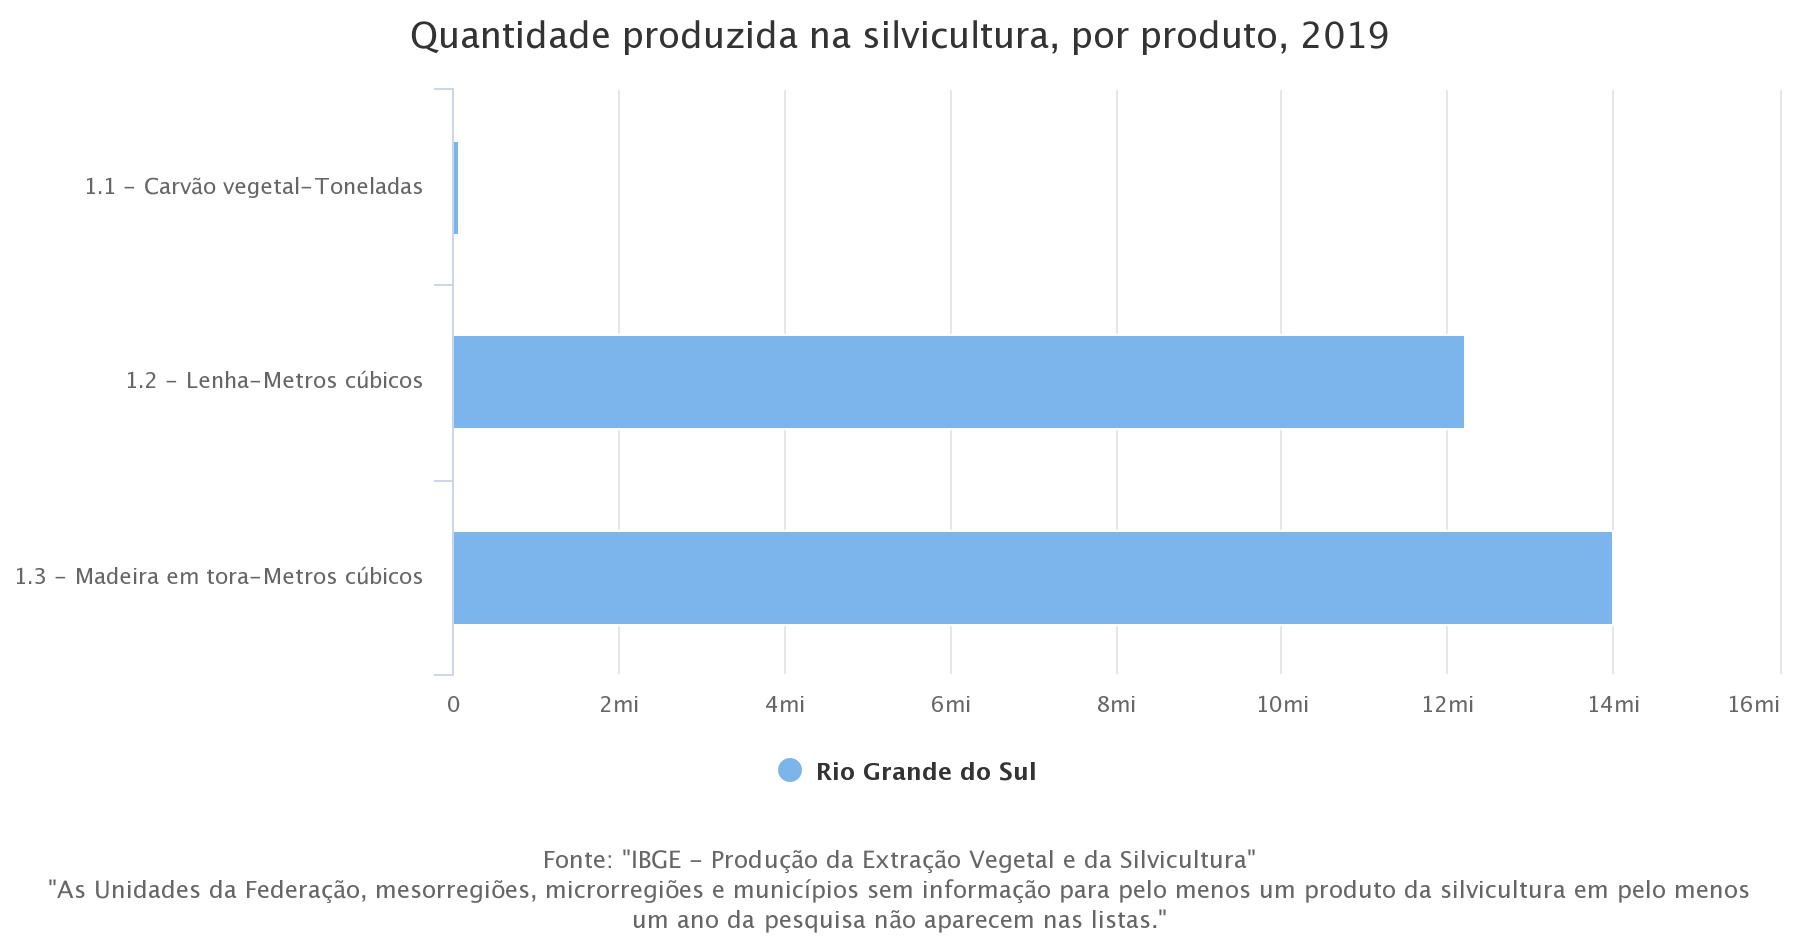 quantidade-produzida-na-silvicultura-por-produto-2019